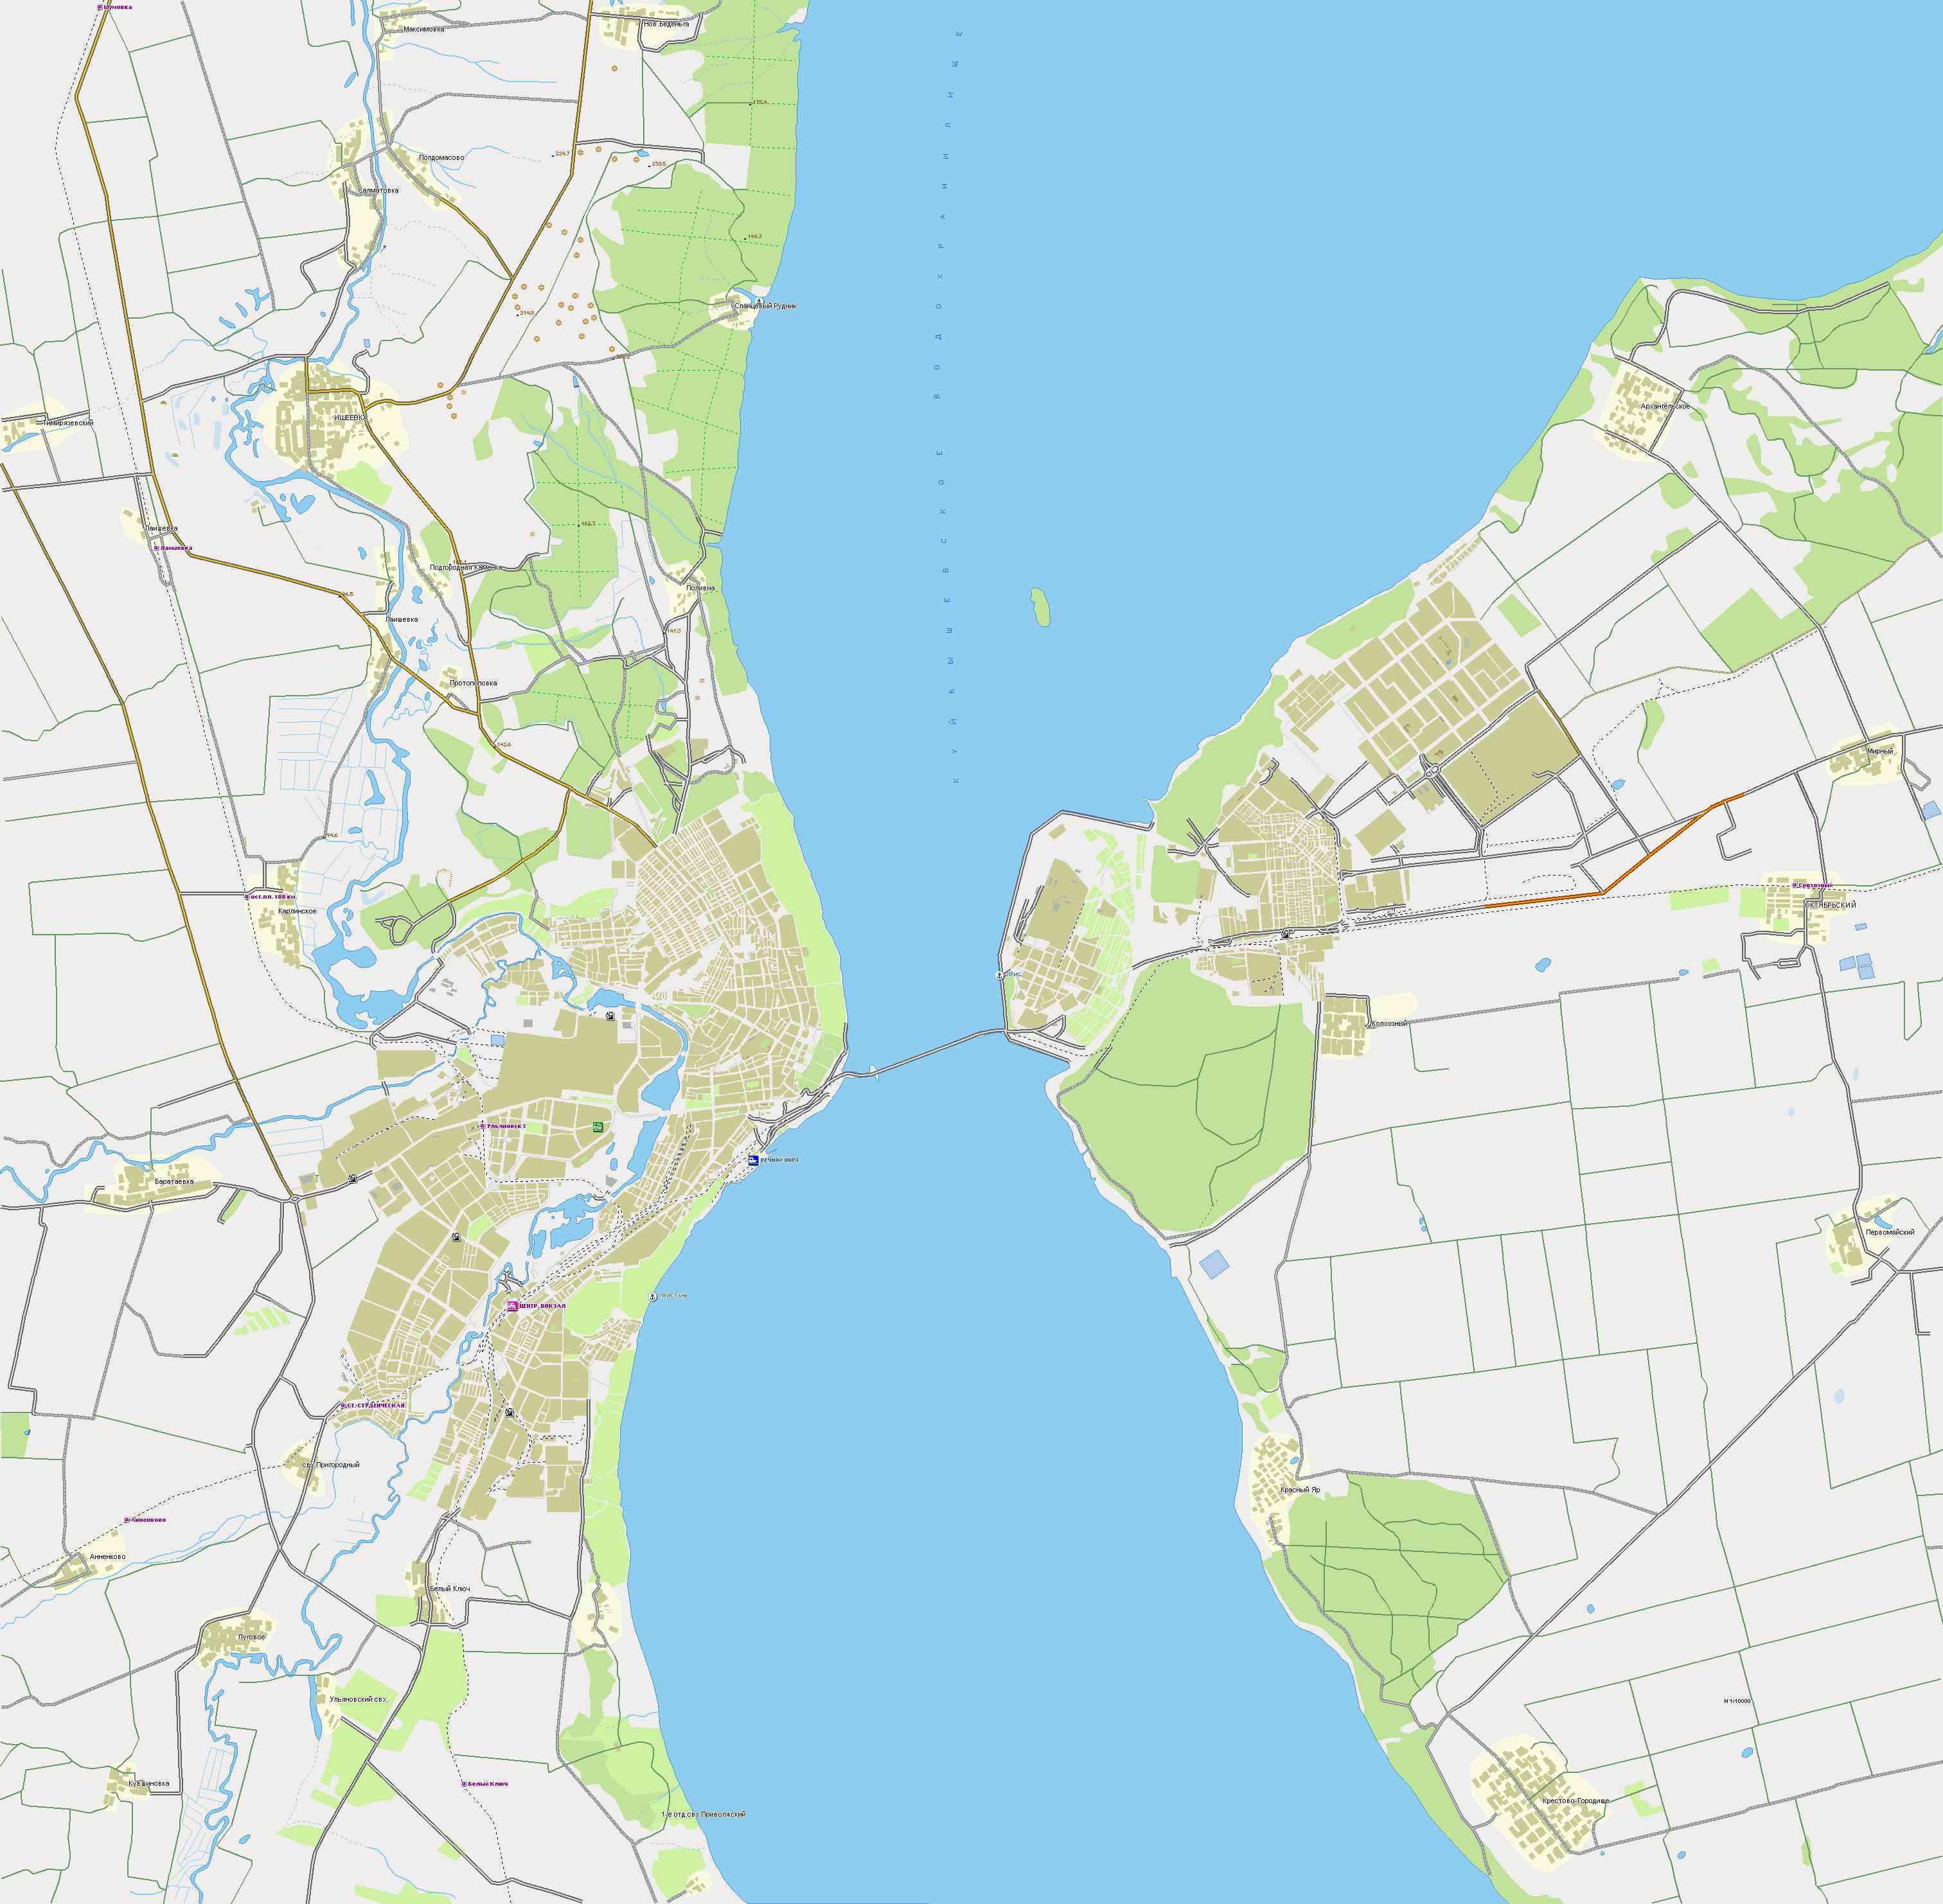 Подробная карта автомобильных дорог г. Ульяновска.  Карта дорог города Ульяновск и окрестностей.